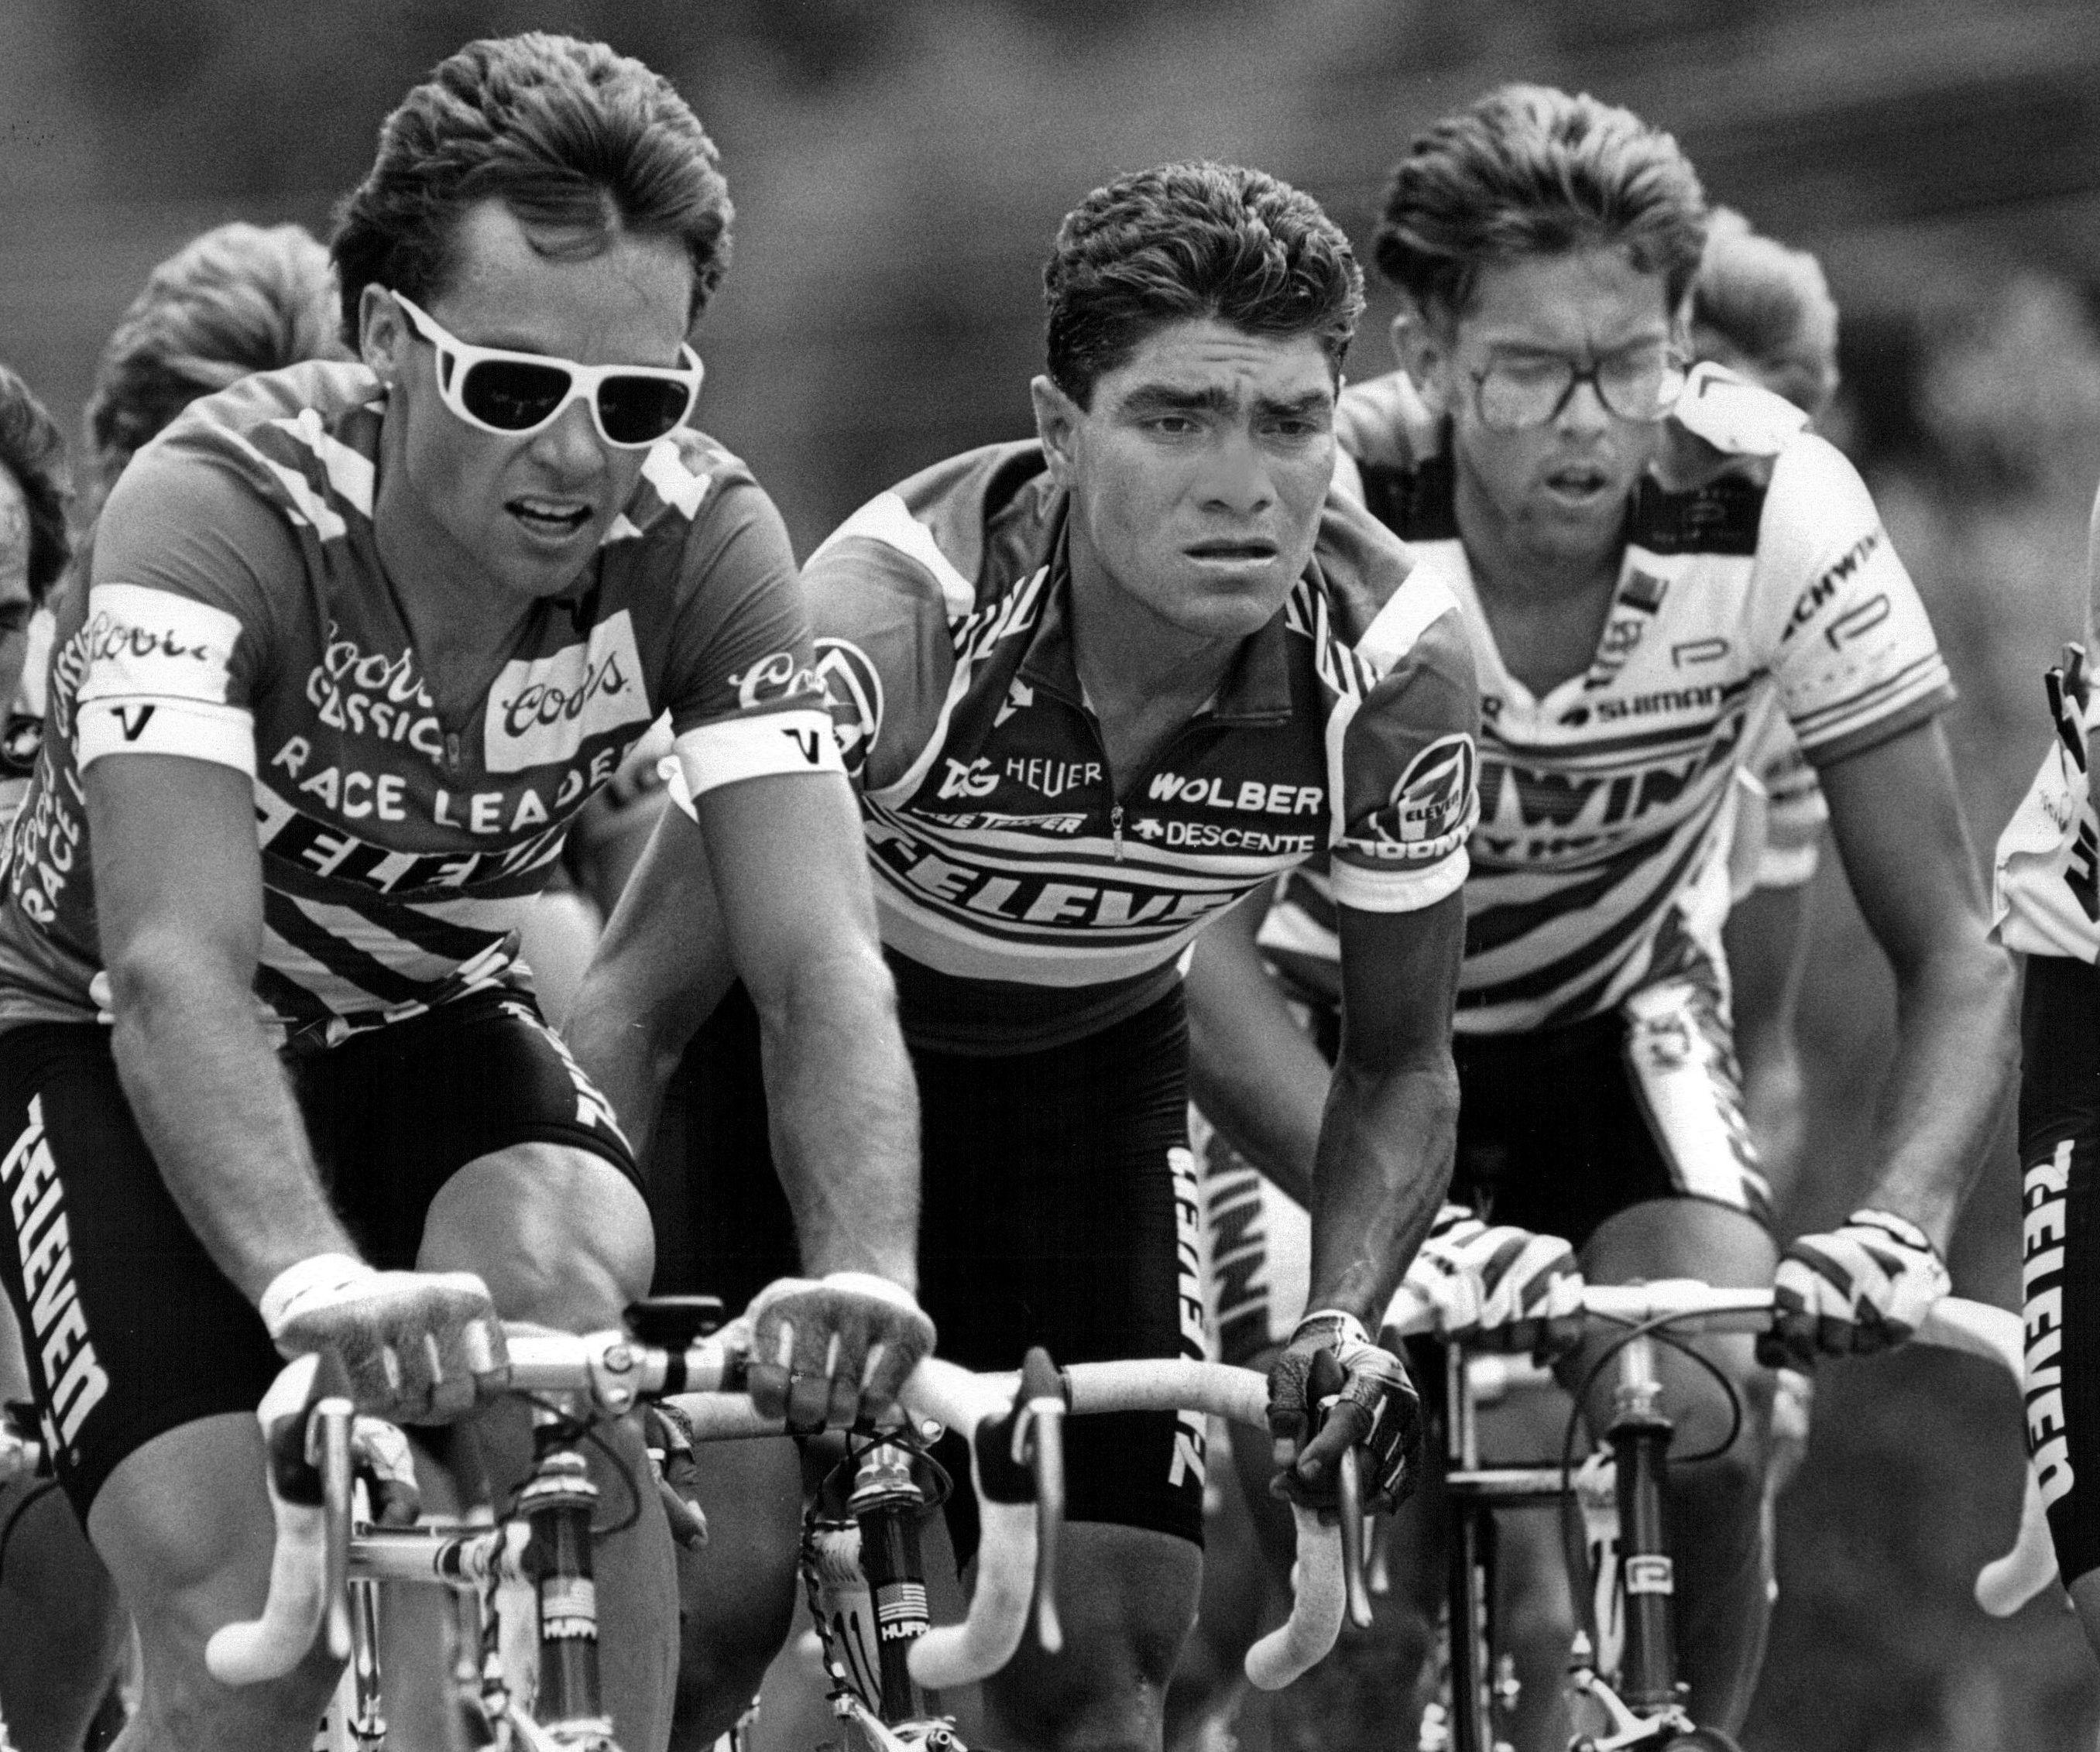 Raúl Alcalá y Alexi Grewal - Los Angeles 1984